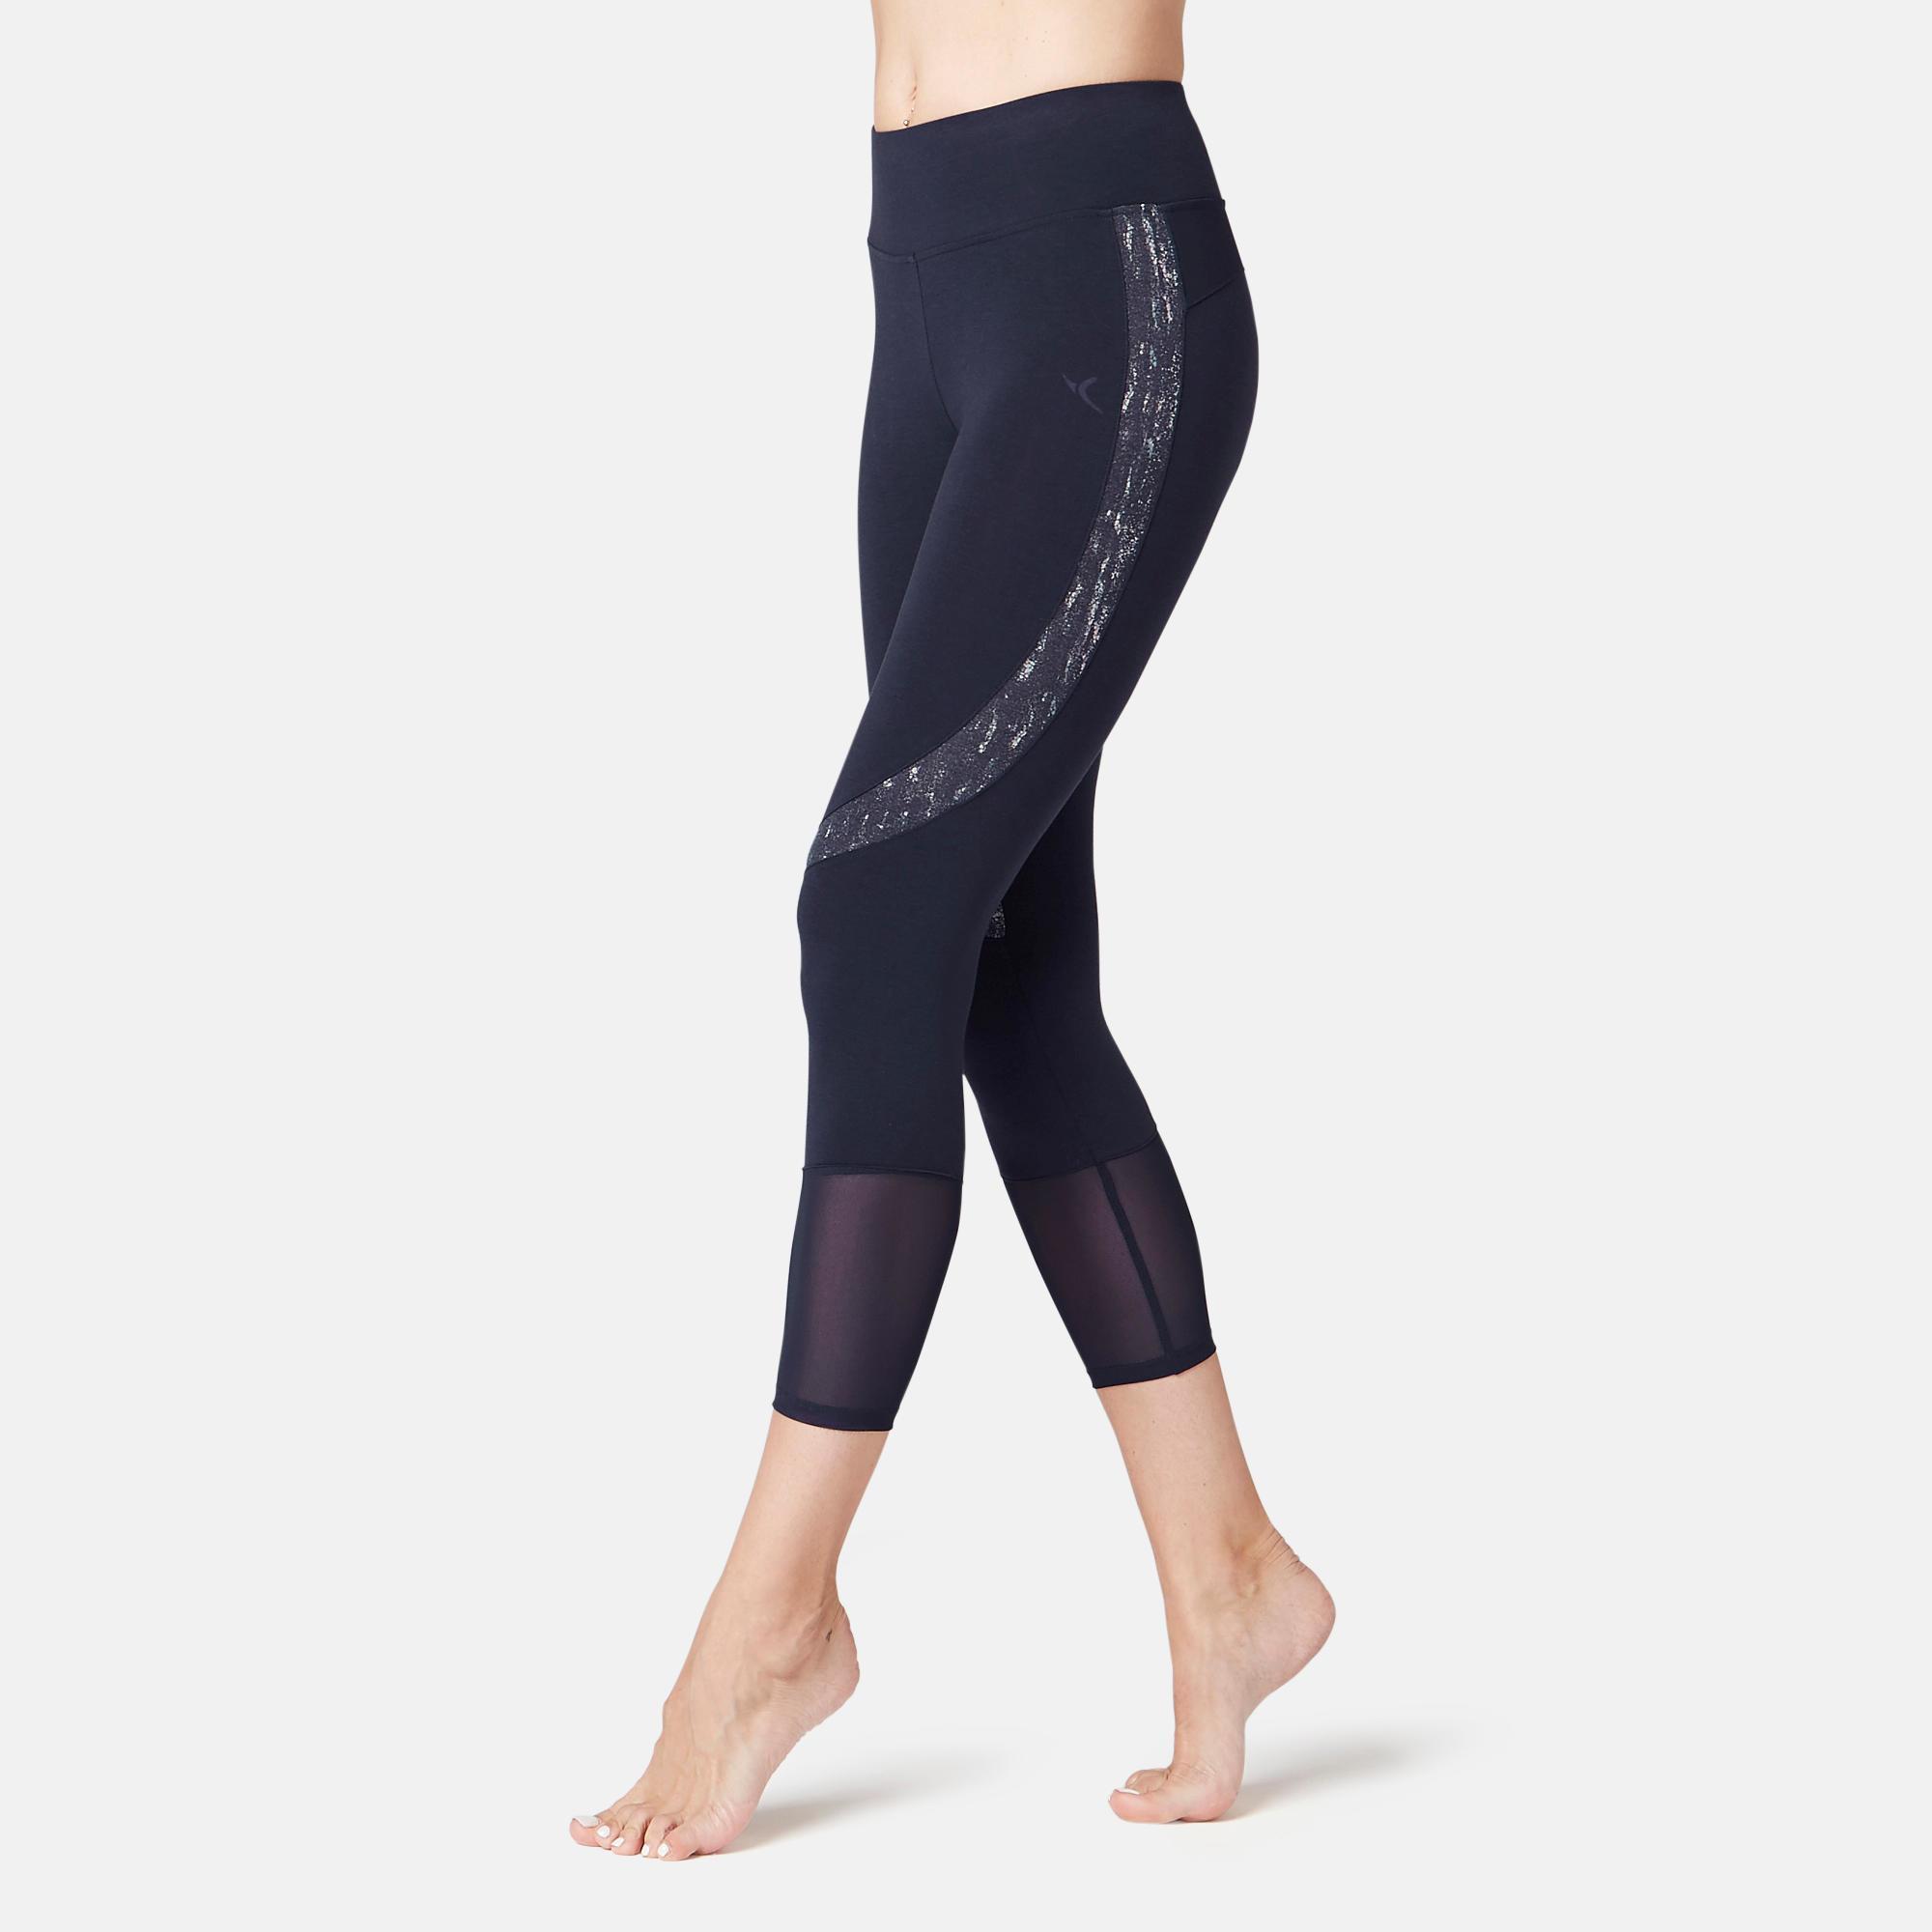 nouvelle apparence premier taux baskets Leggings femme Pilates, Gym Douce | Decathlon